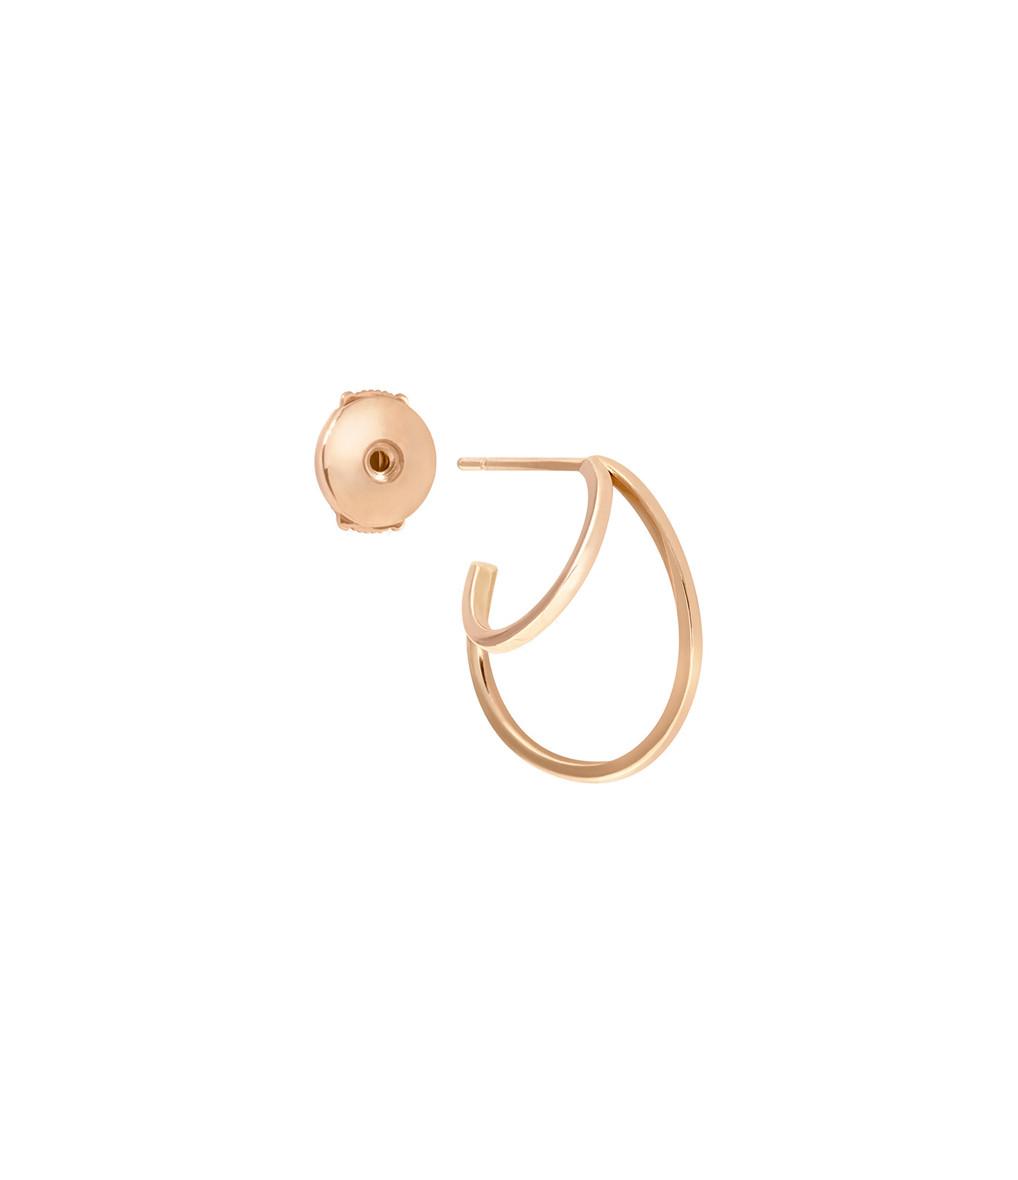 VANRYCKE - Créole Styloïde Mini Or Rose Oreille Droite (vendue à l'unité)